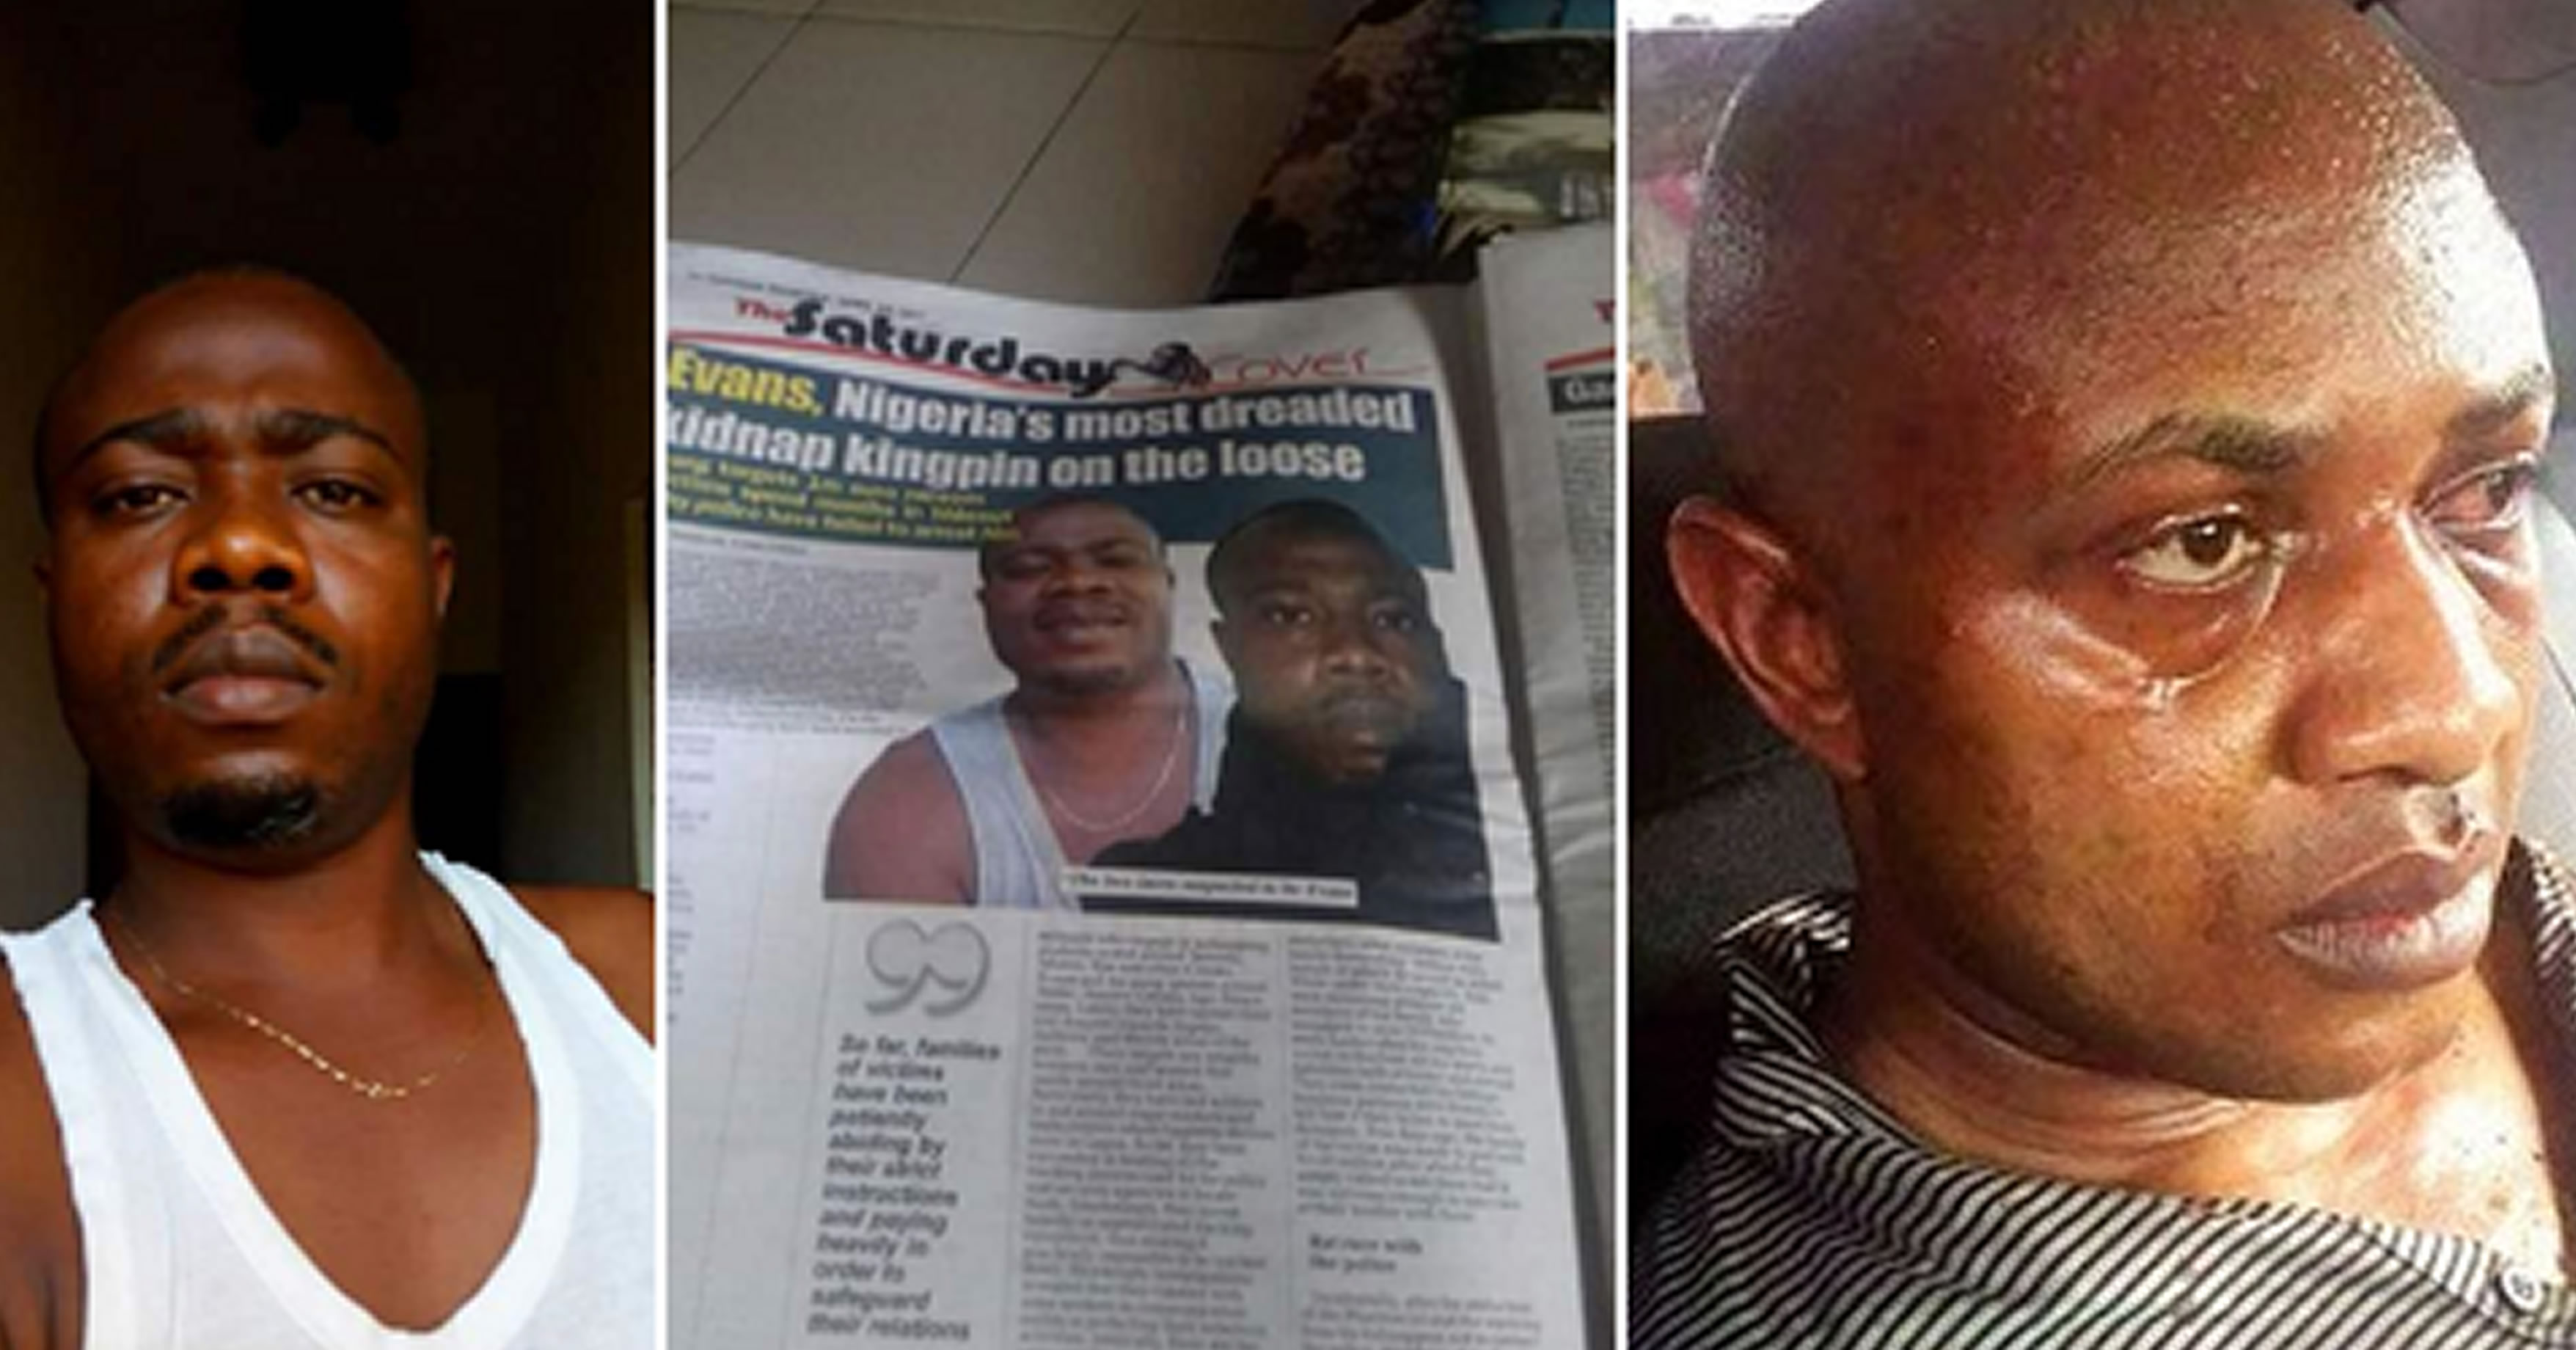 Nigeria a mistaken identity